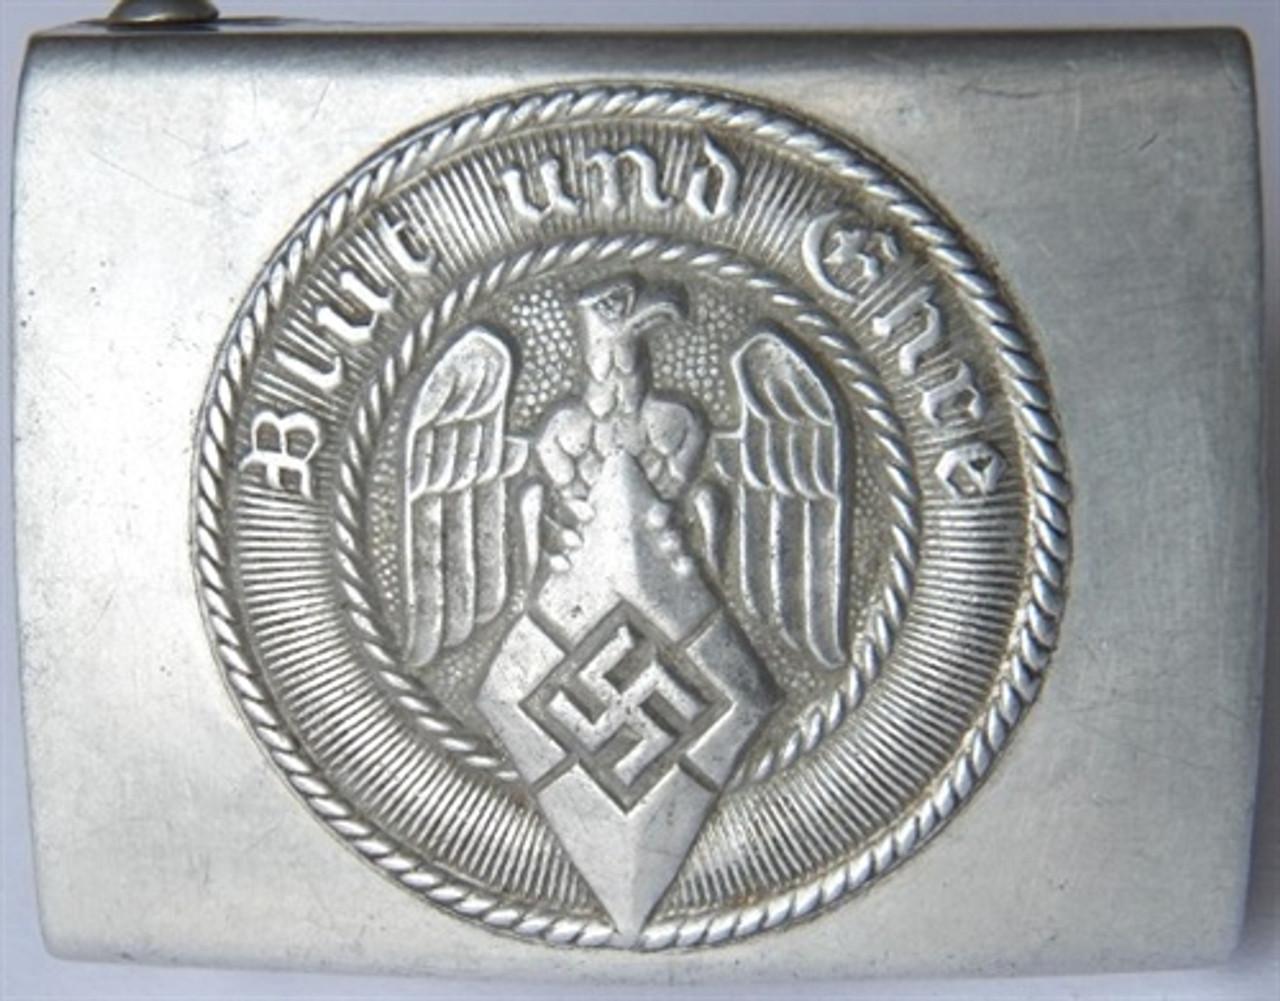 Luftwaffe Belt Buckle from Hessen Antique